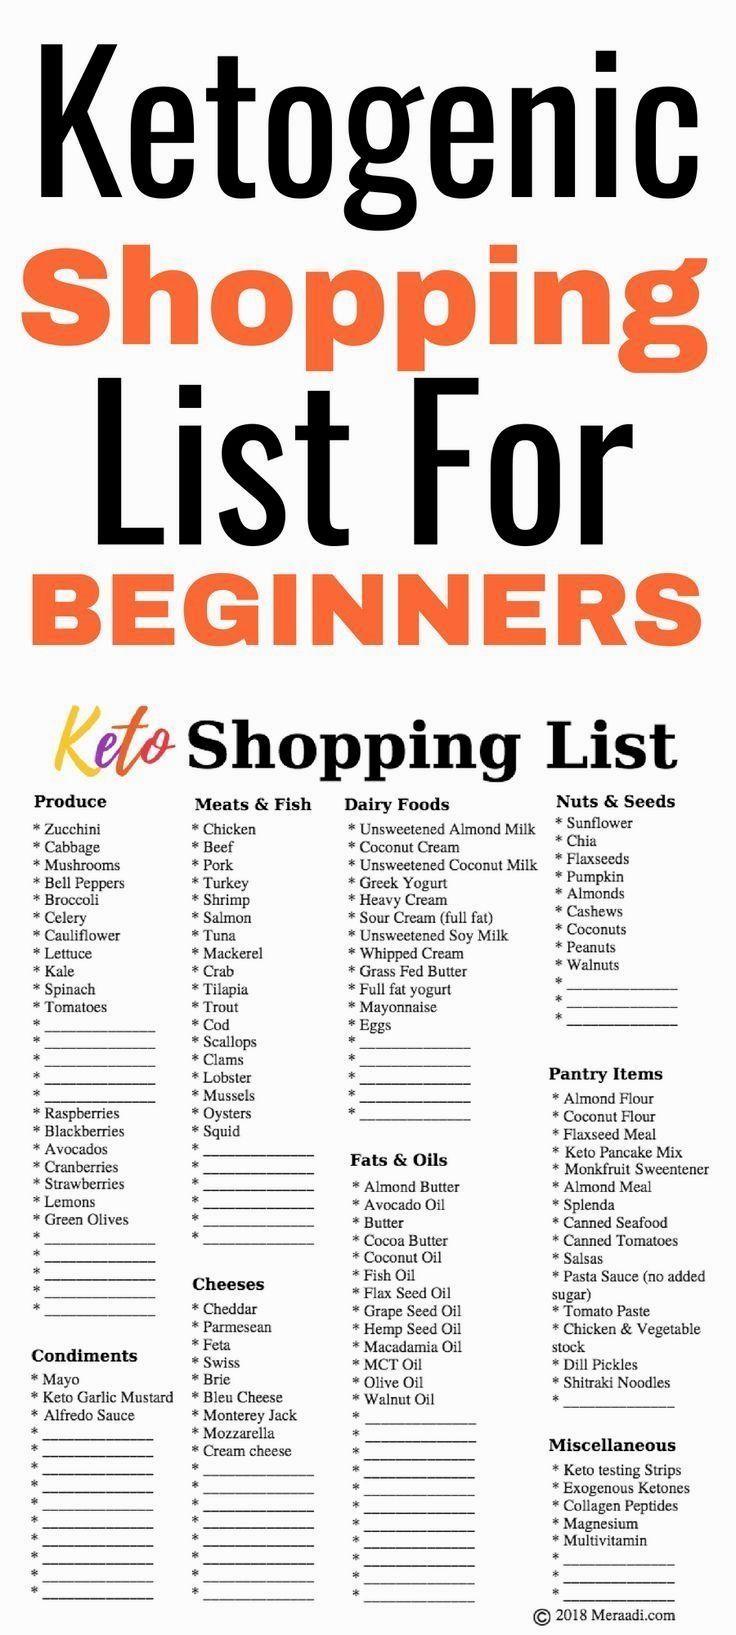 Diese ketogene Einkaufsliste für Anfänger listet alles auf, was Sie brauchen, um erfolgreich zu sein